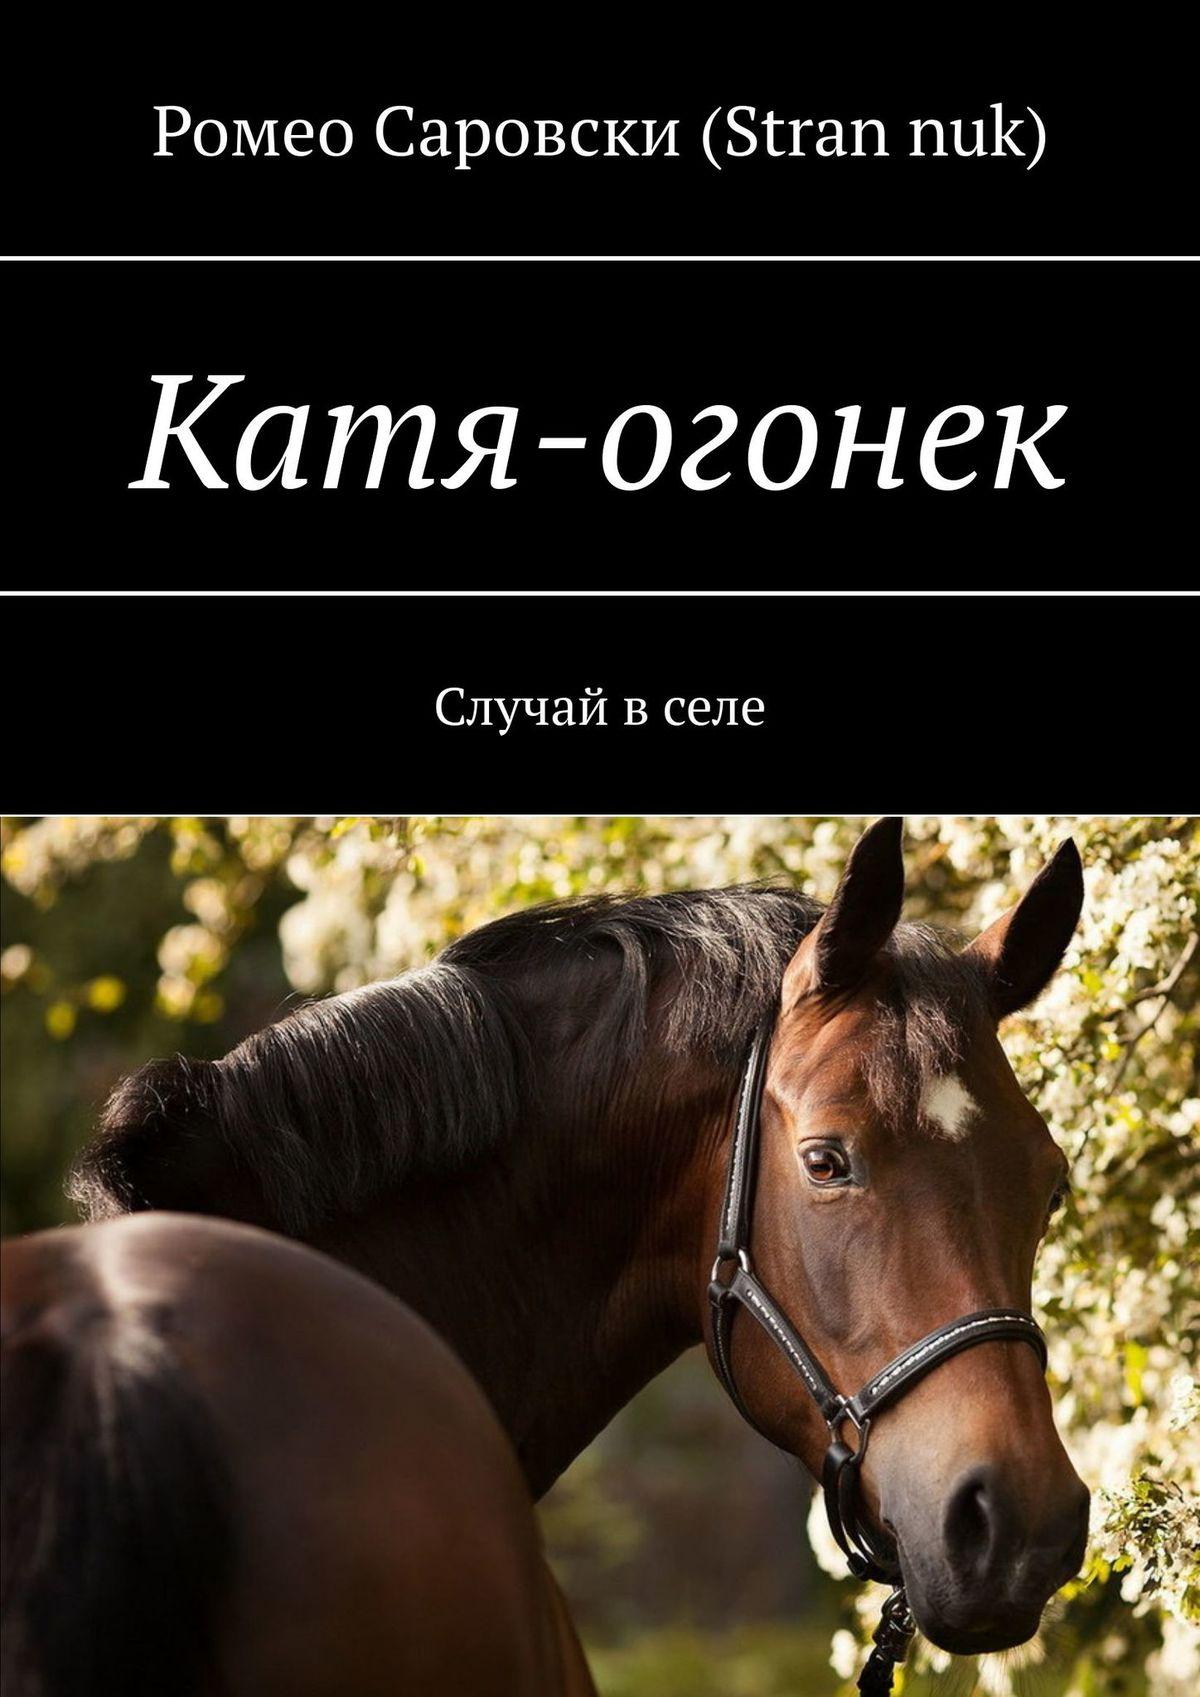 Ромео Саровски (Strannuk) Катя-огонек. Катя-огонек. Театральные подмостки ромео саровски stran